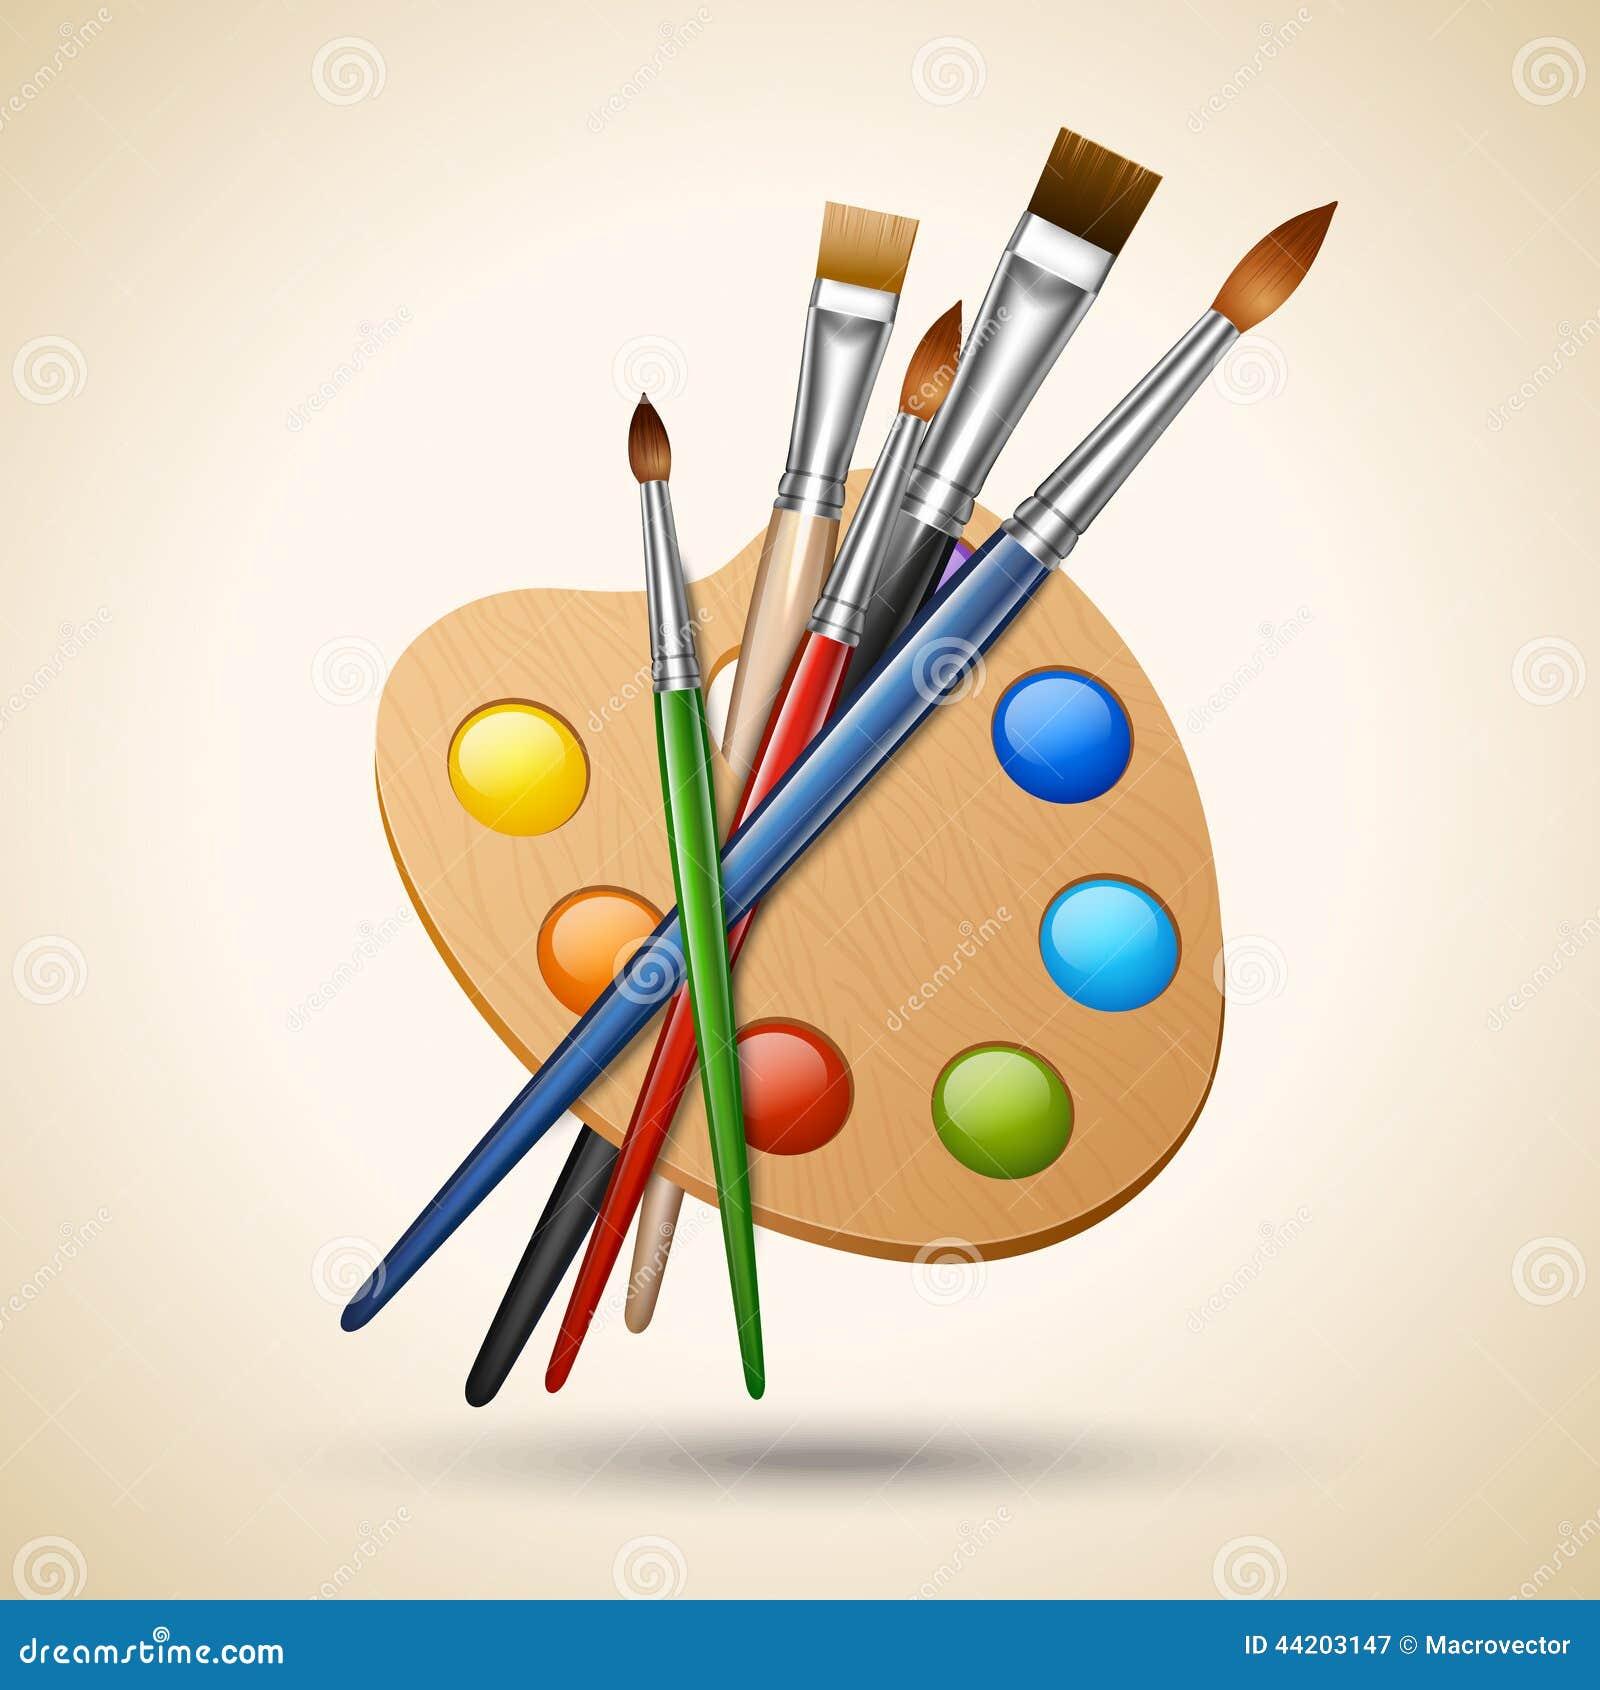 Paleta com escovas de pintura ilustra o do vetor imagem - Paleta de pinturas ...